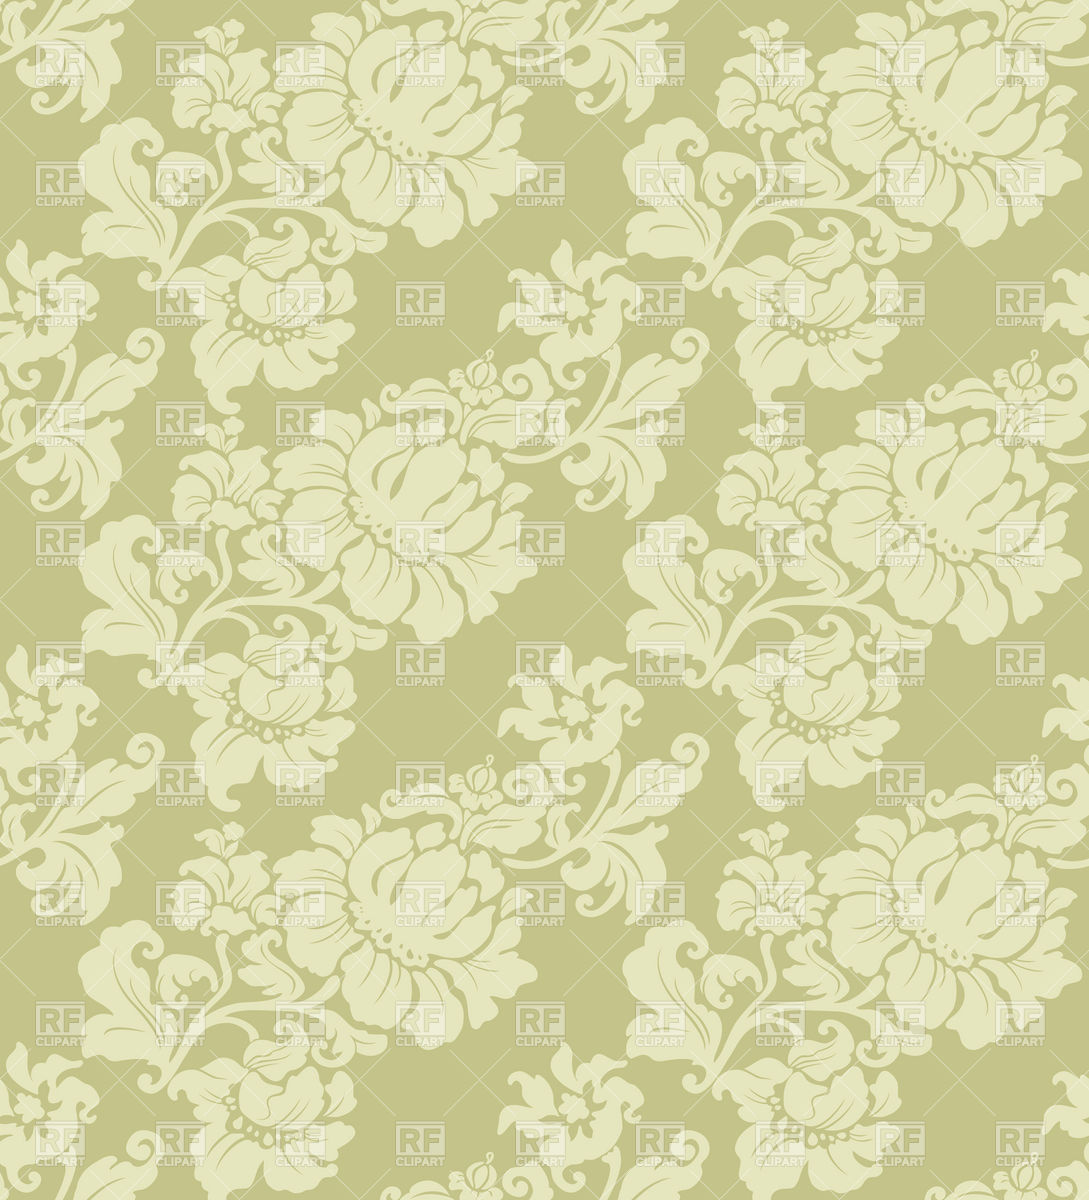 40+] Royalty Free Wallpaper Patterns on WallpaperSafari.